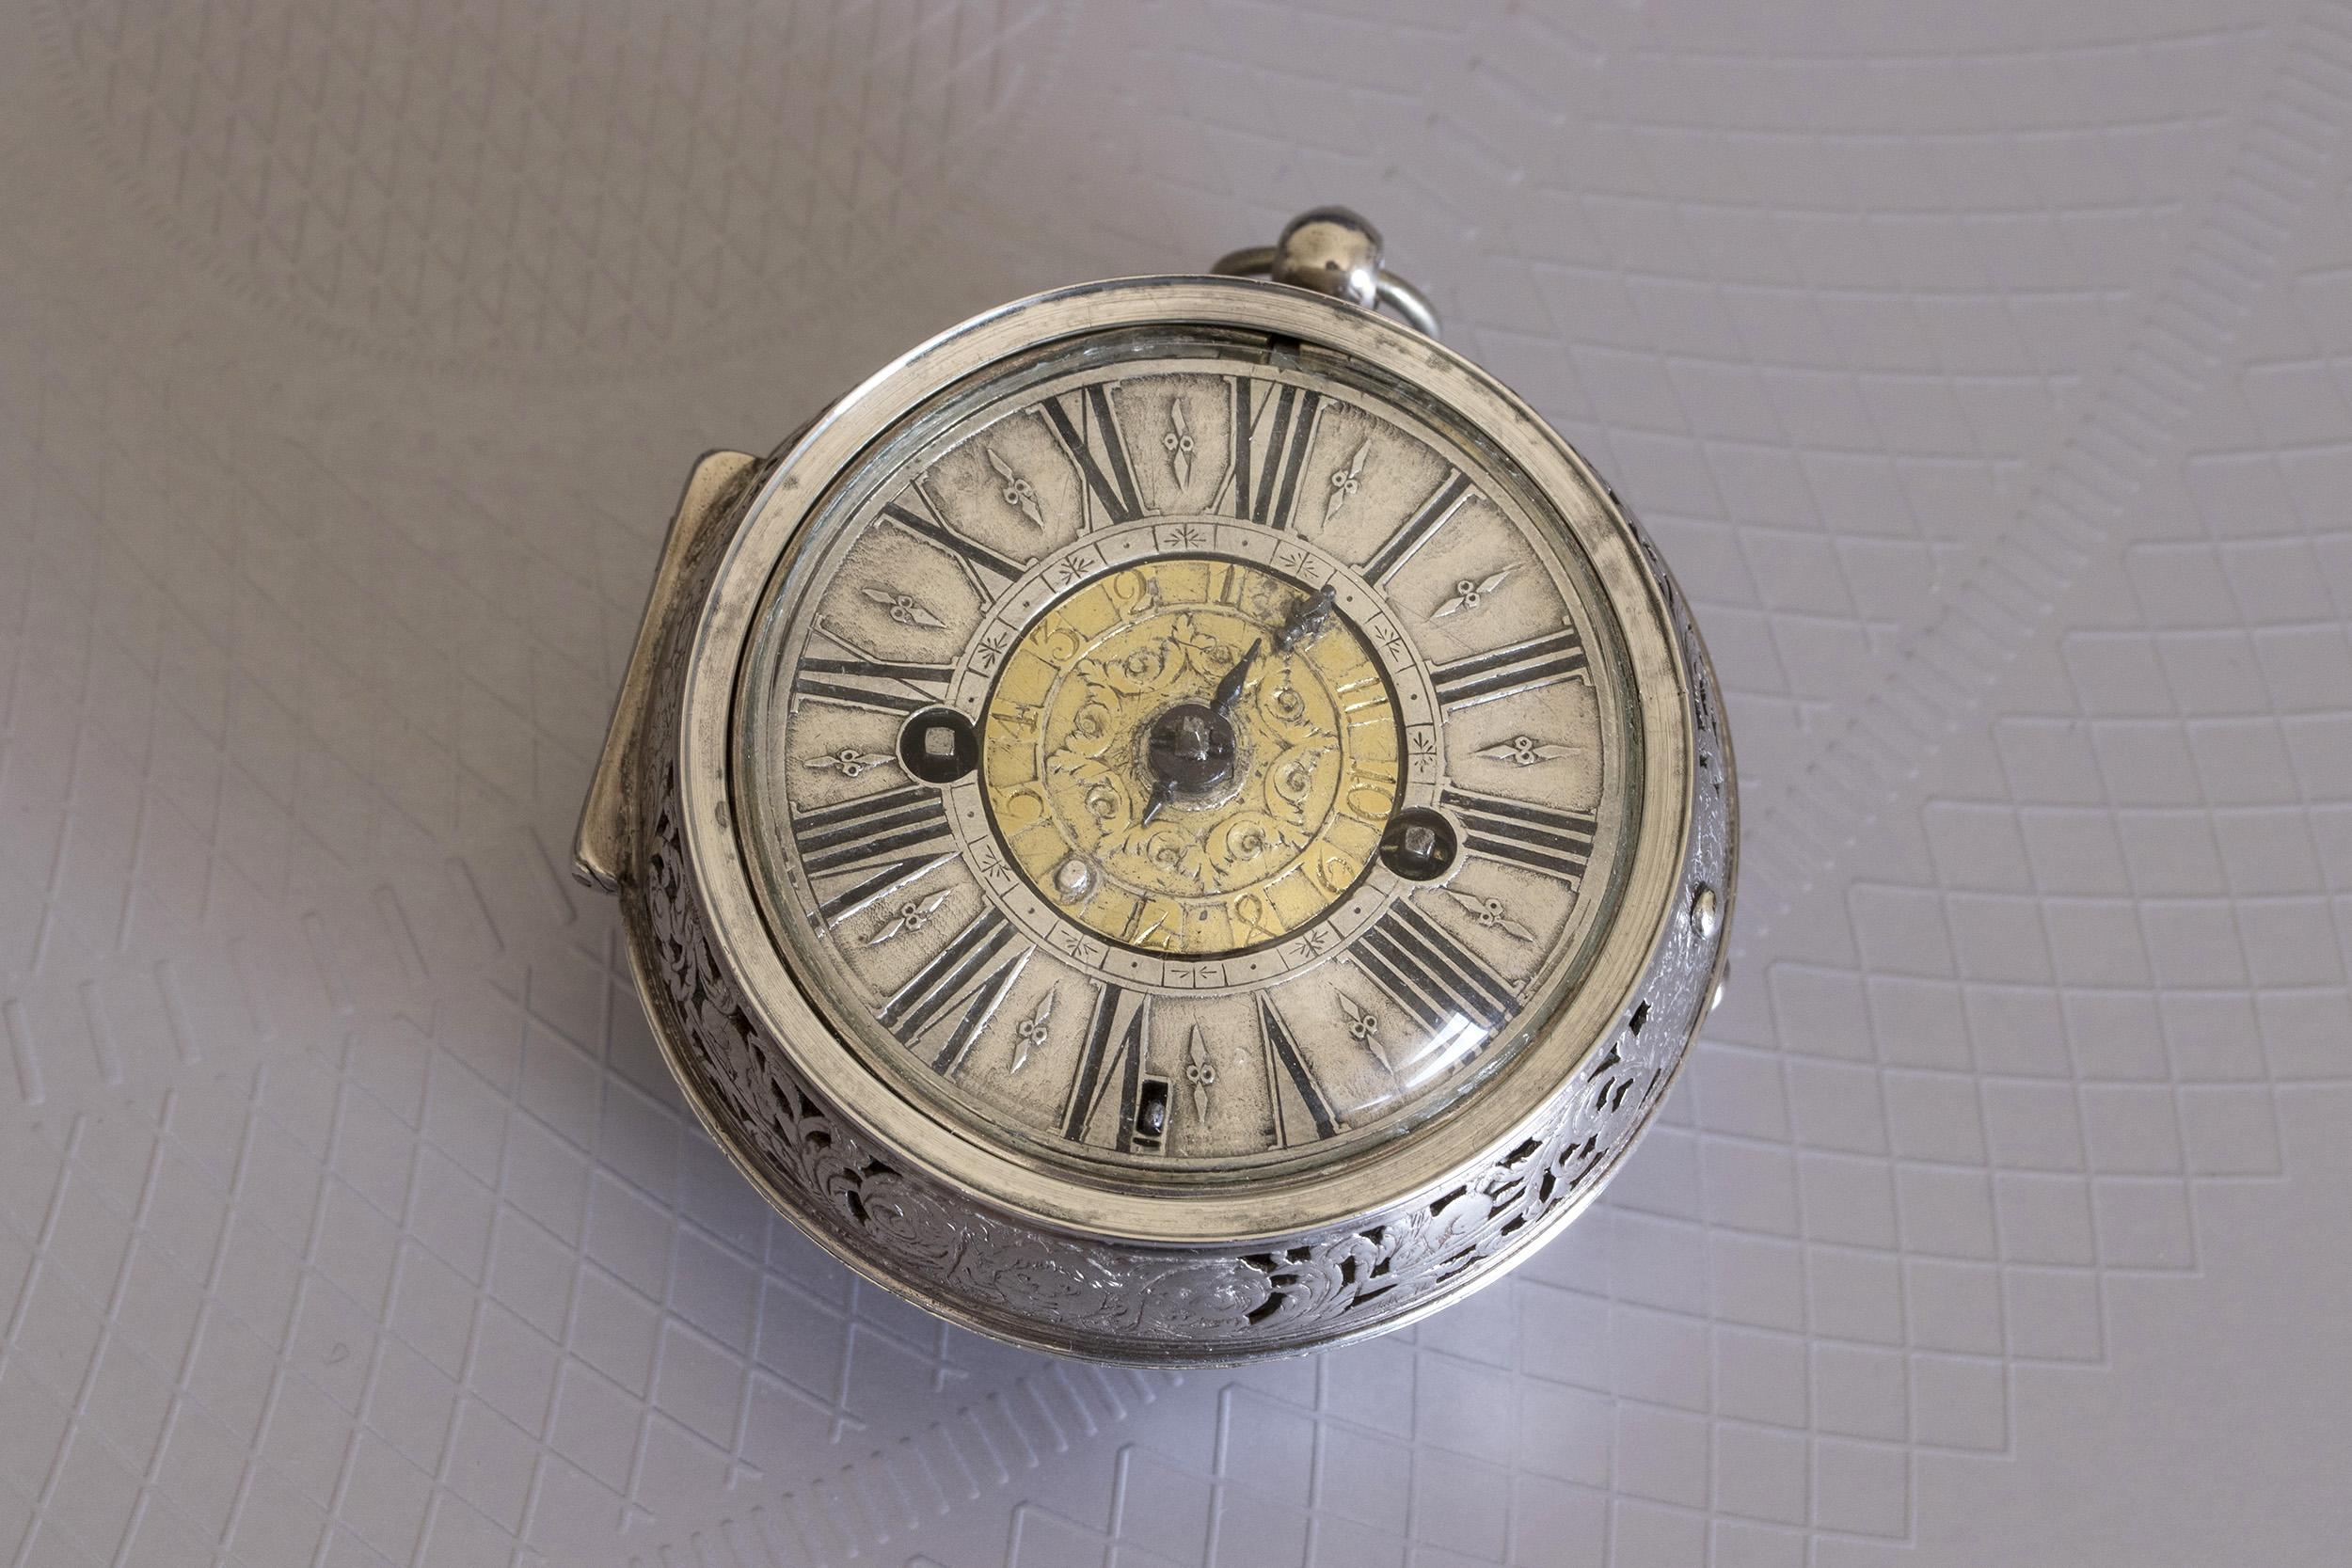 Un oignon alarme de 1700 signé Duquesne à Paris 32752238347_a9dc3a1850_o